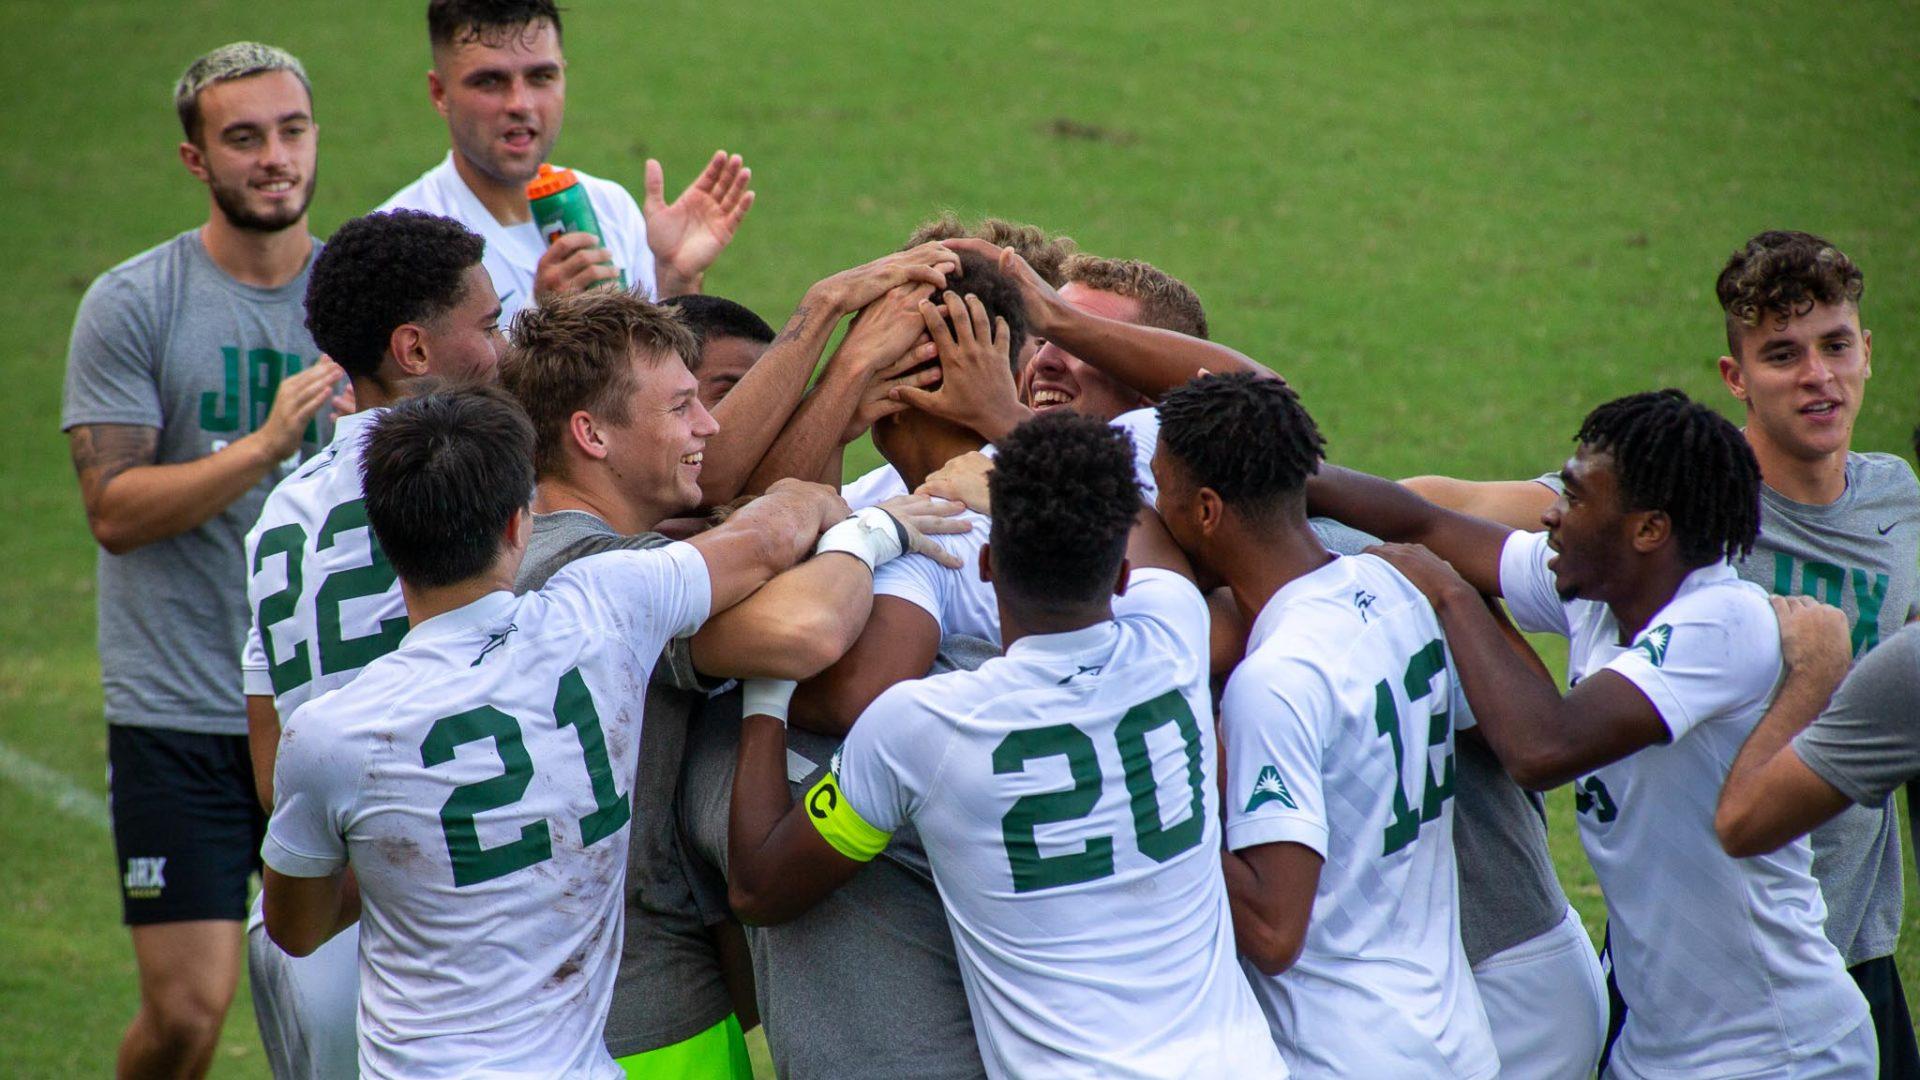 Jacksonville University men win home opener